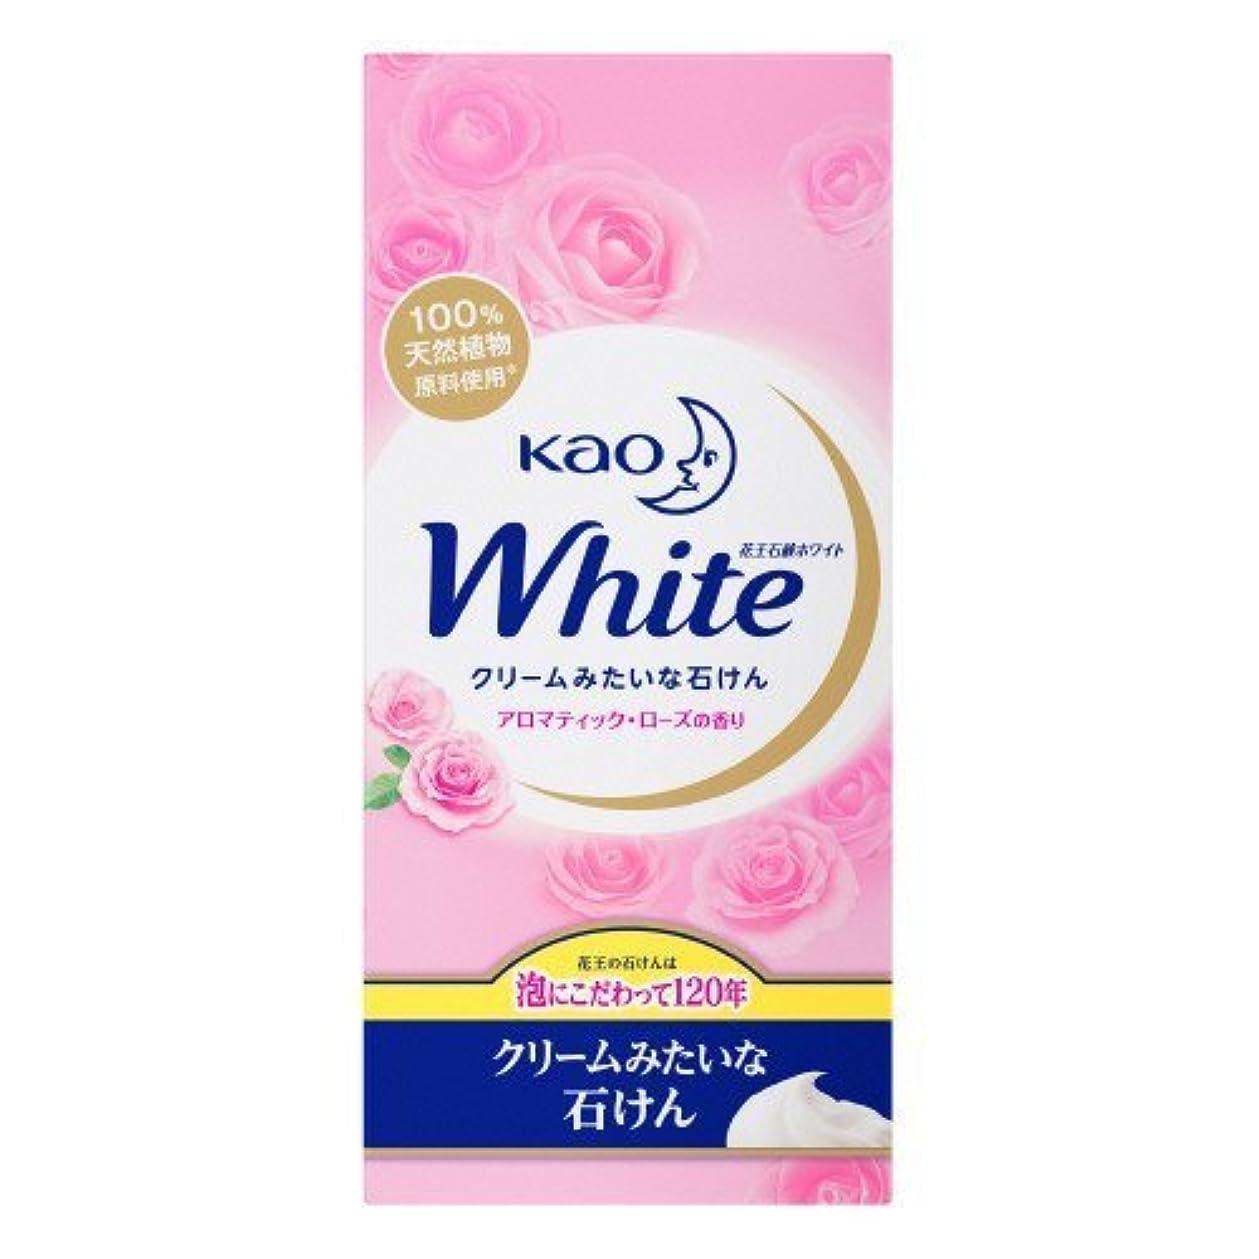 カメラ送信する数学【花王】花王ホワイト アロマティックローズの香りレギュラーサイズ (85g×6個) ×10個セット